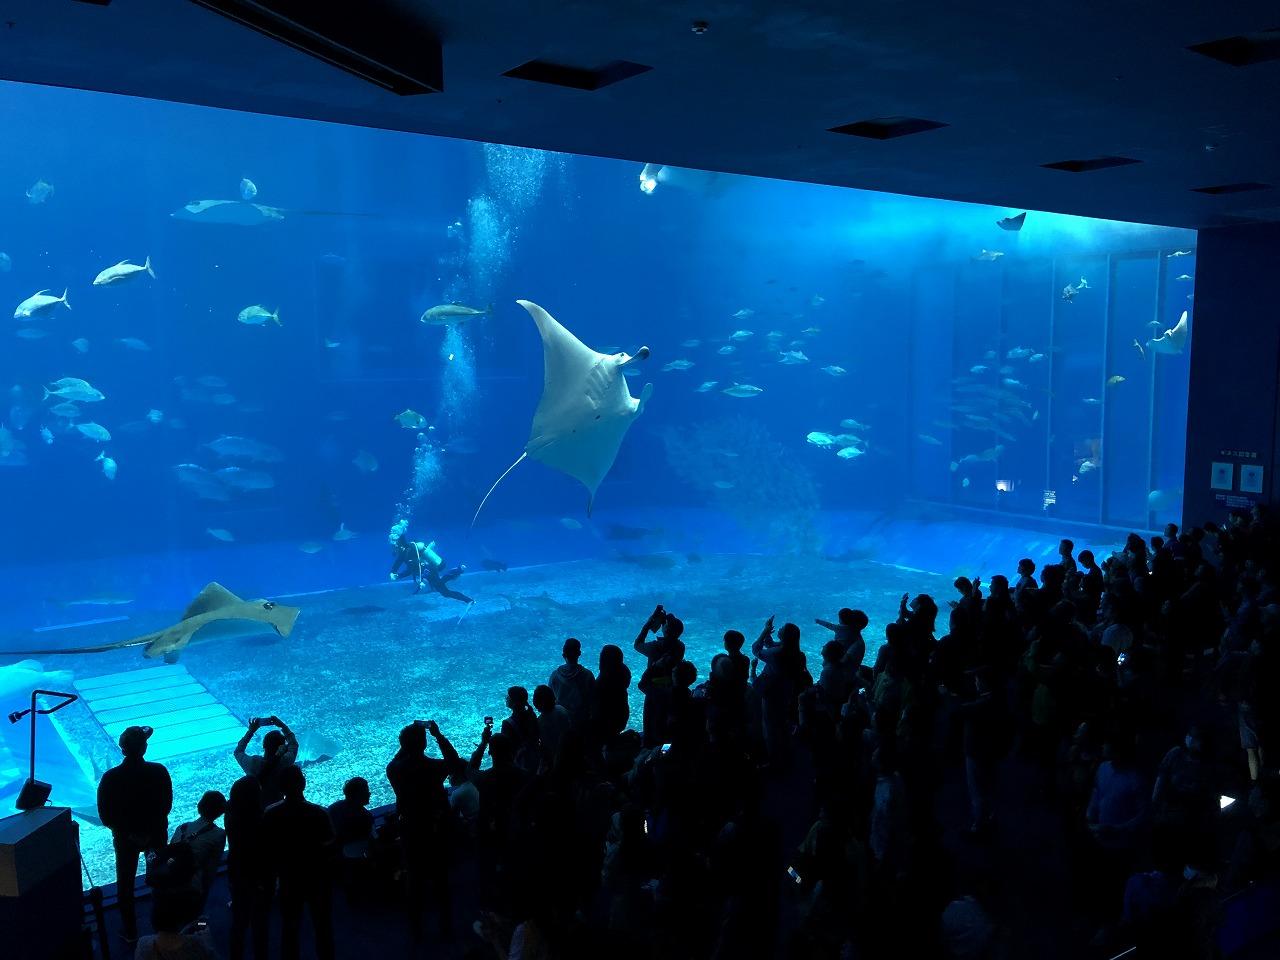 美ら海水族館の巨大水槽3